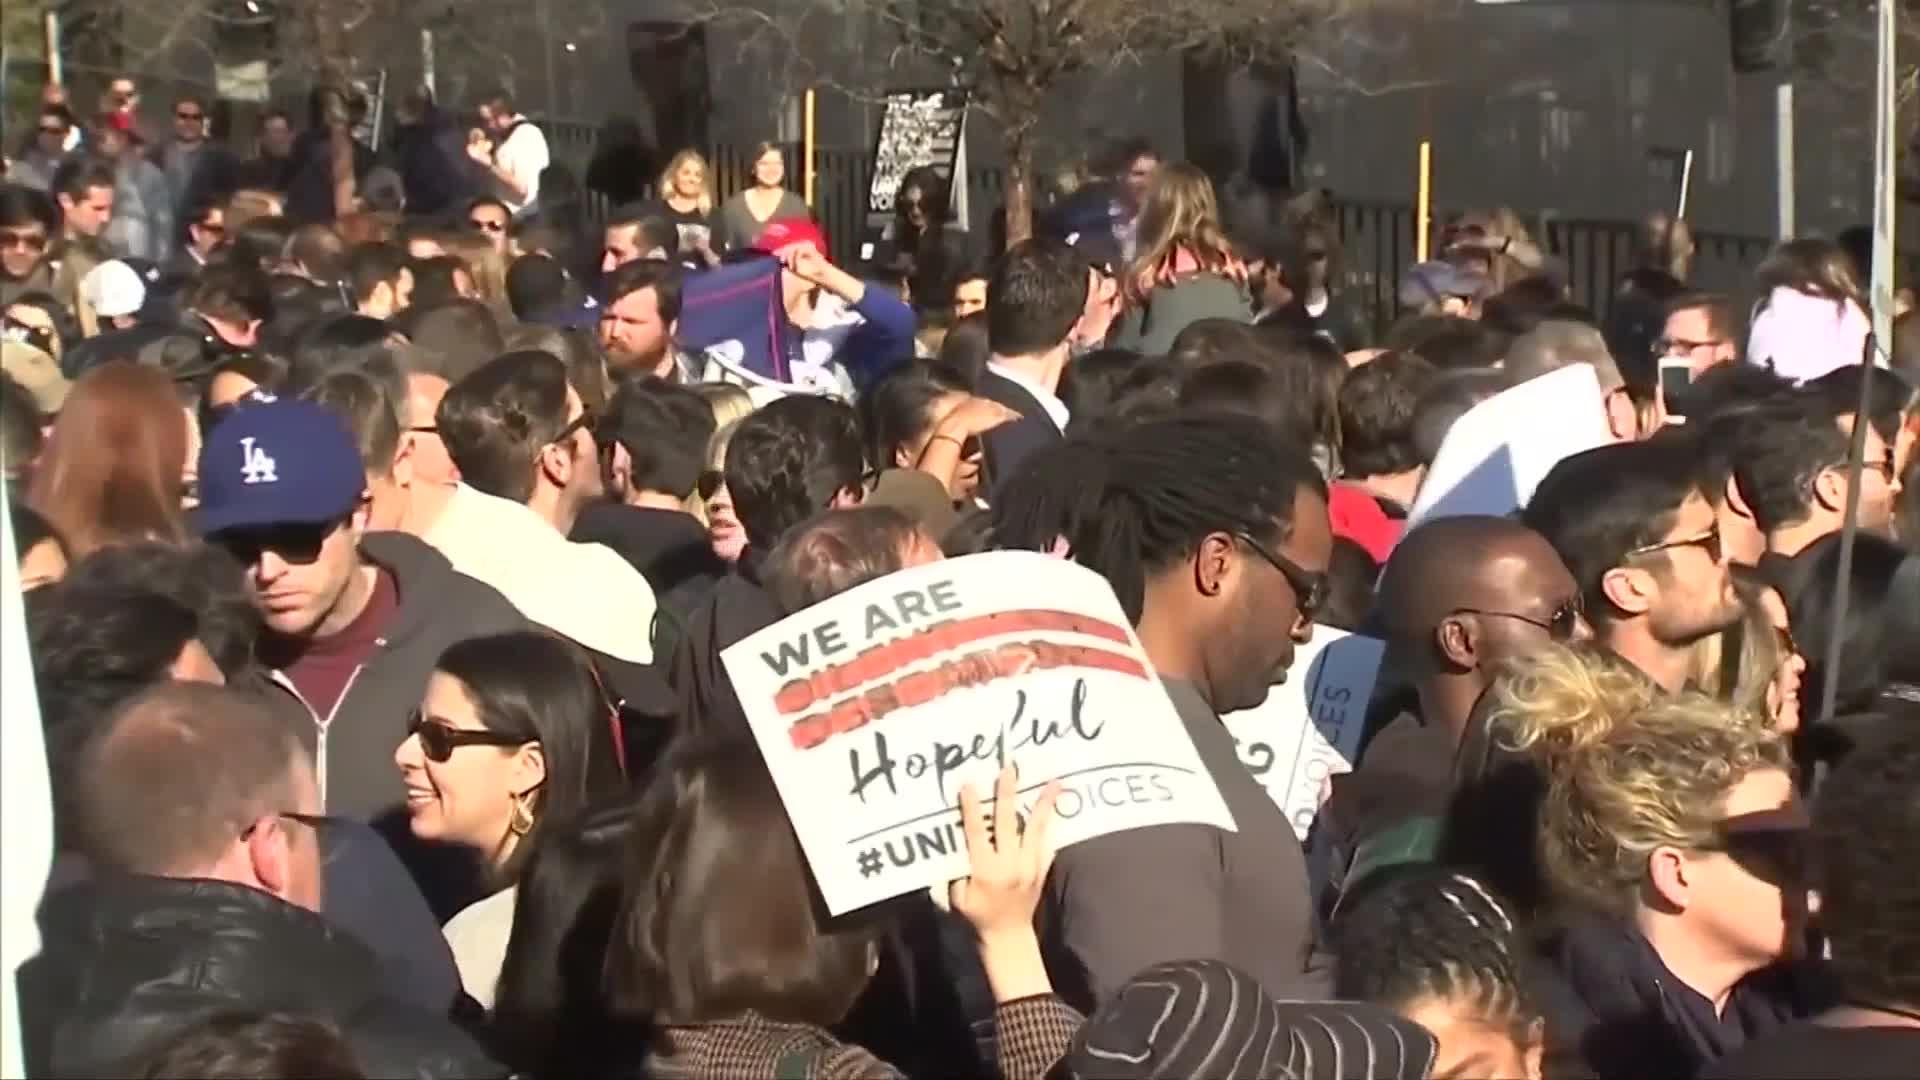 Stars speak at anti-Trump rally ahead of Oscars